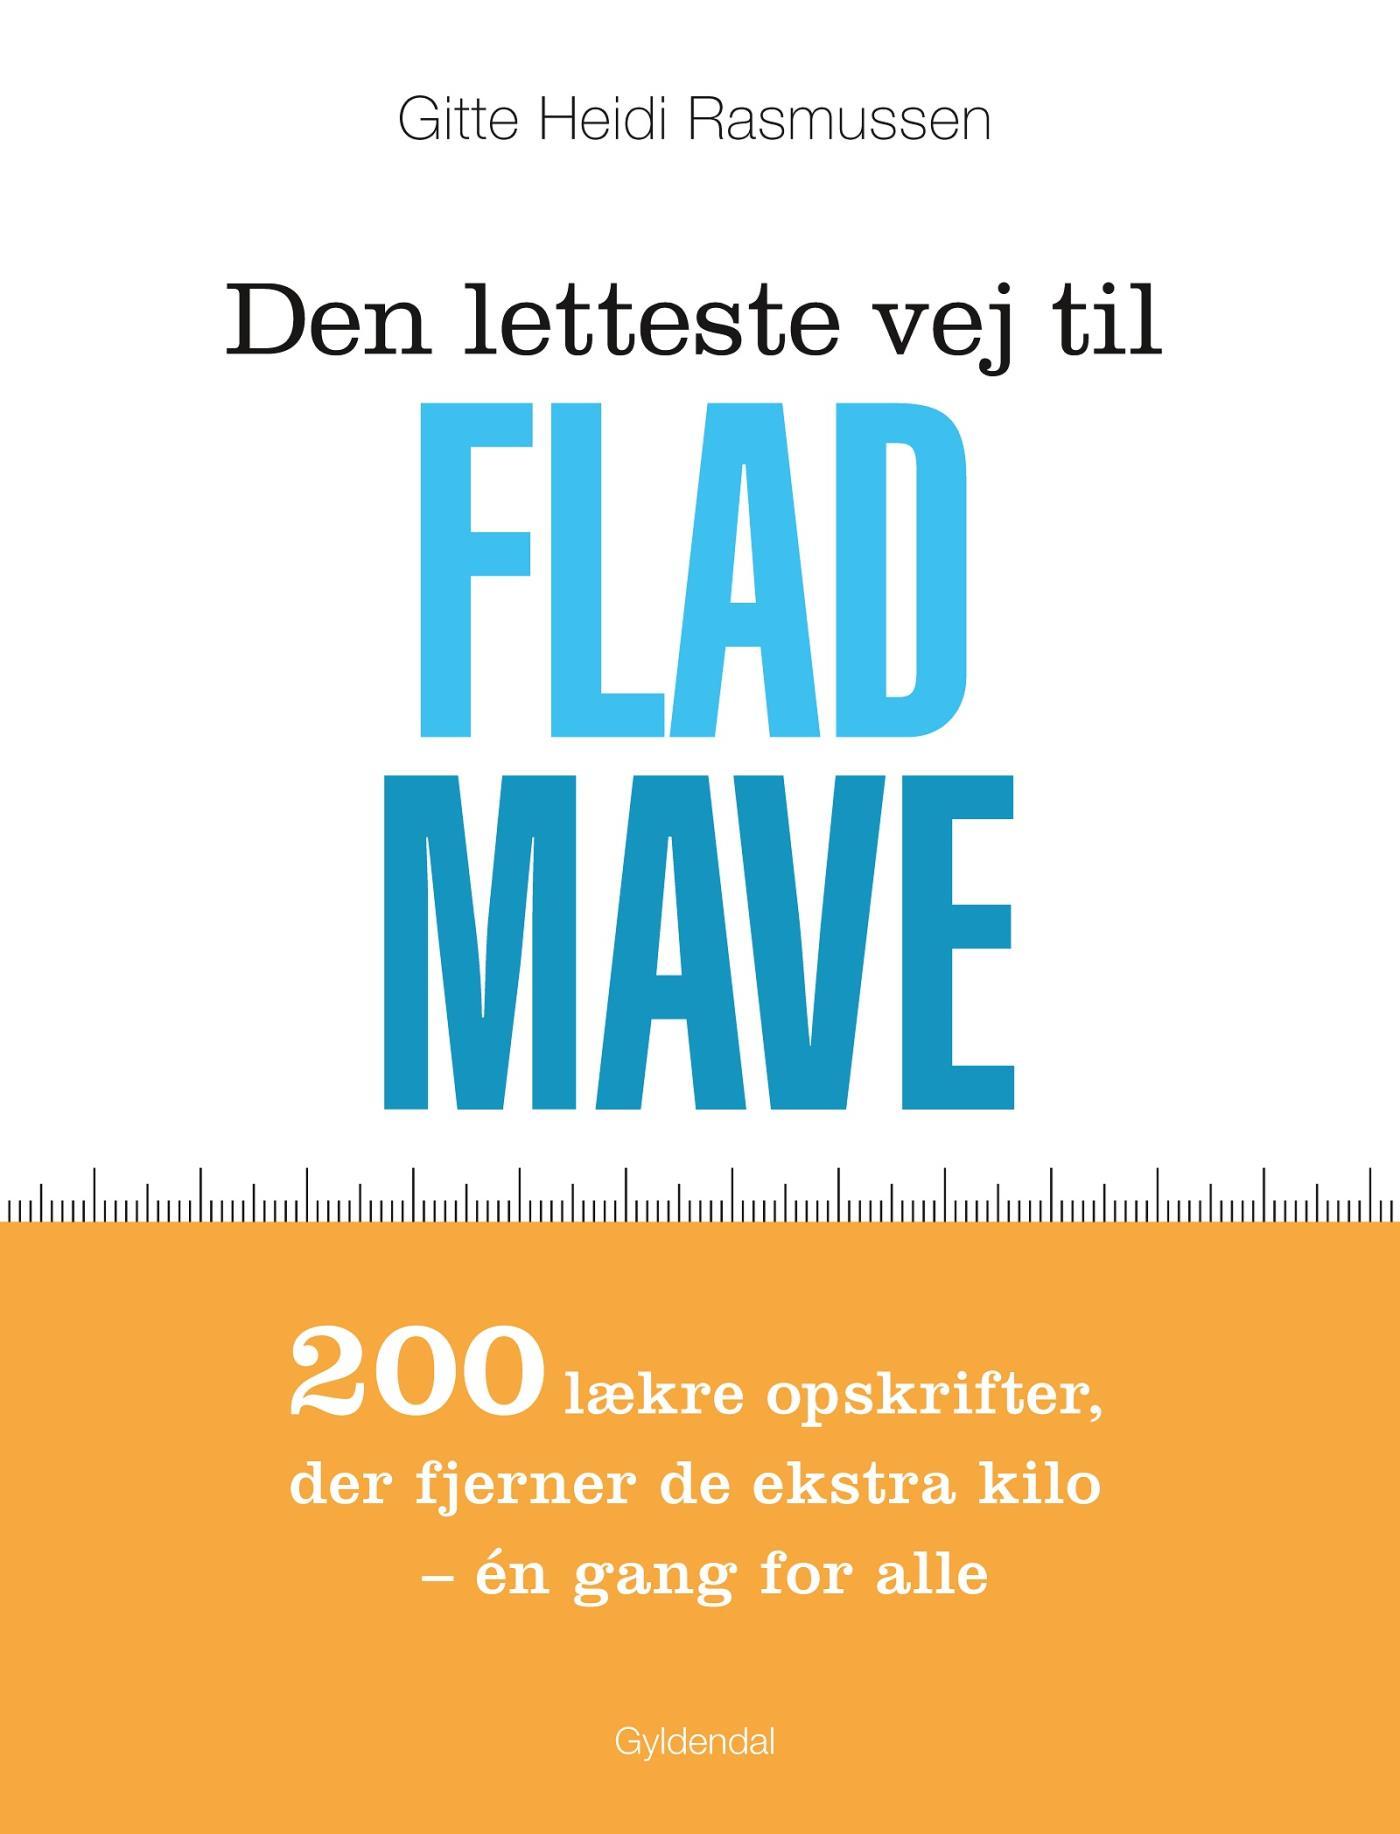 Den letteste vej til flad mave - e-bog fra N/A på bog & mystik